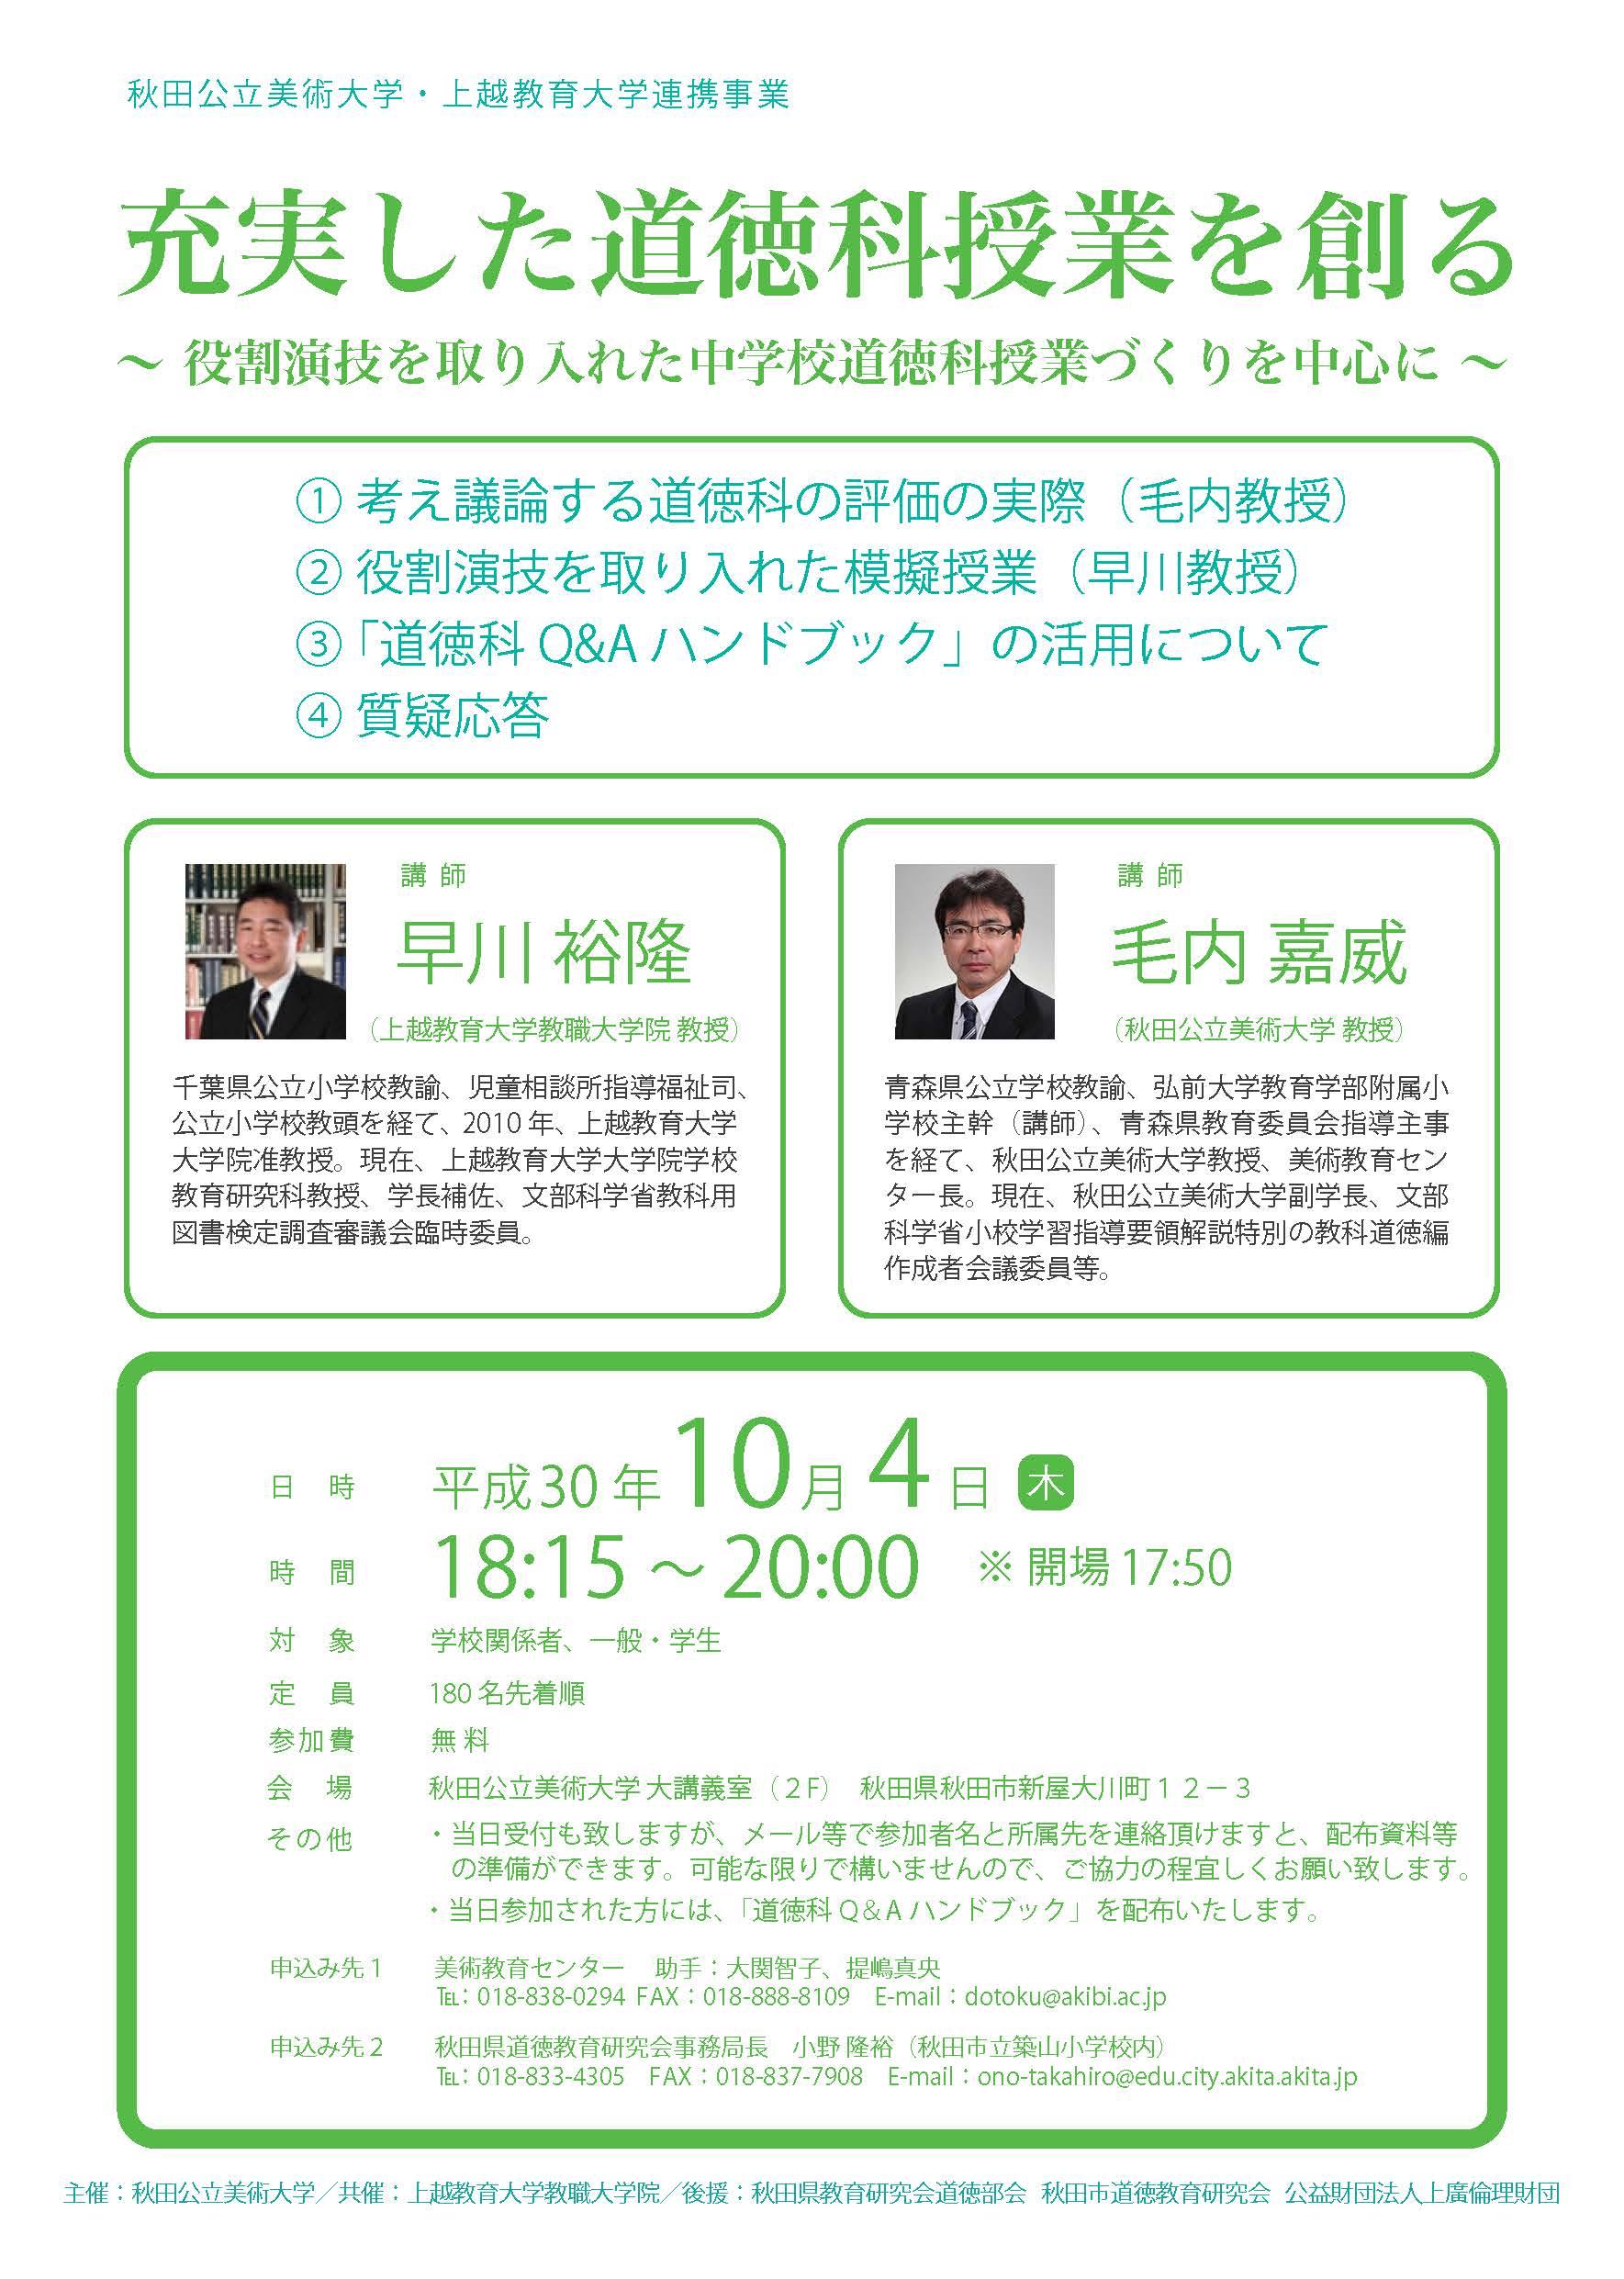 秋田公立美術大学・上越教育大学連携事業 公開講座「充実した道徳科授業を創る」